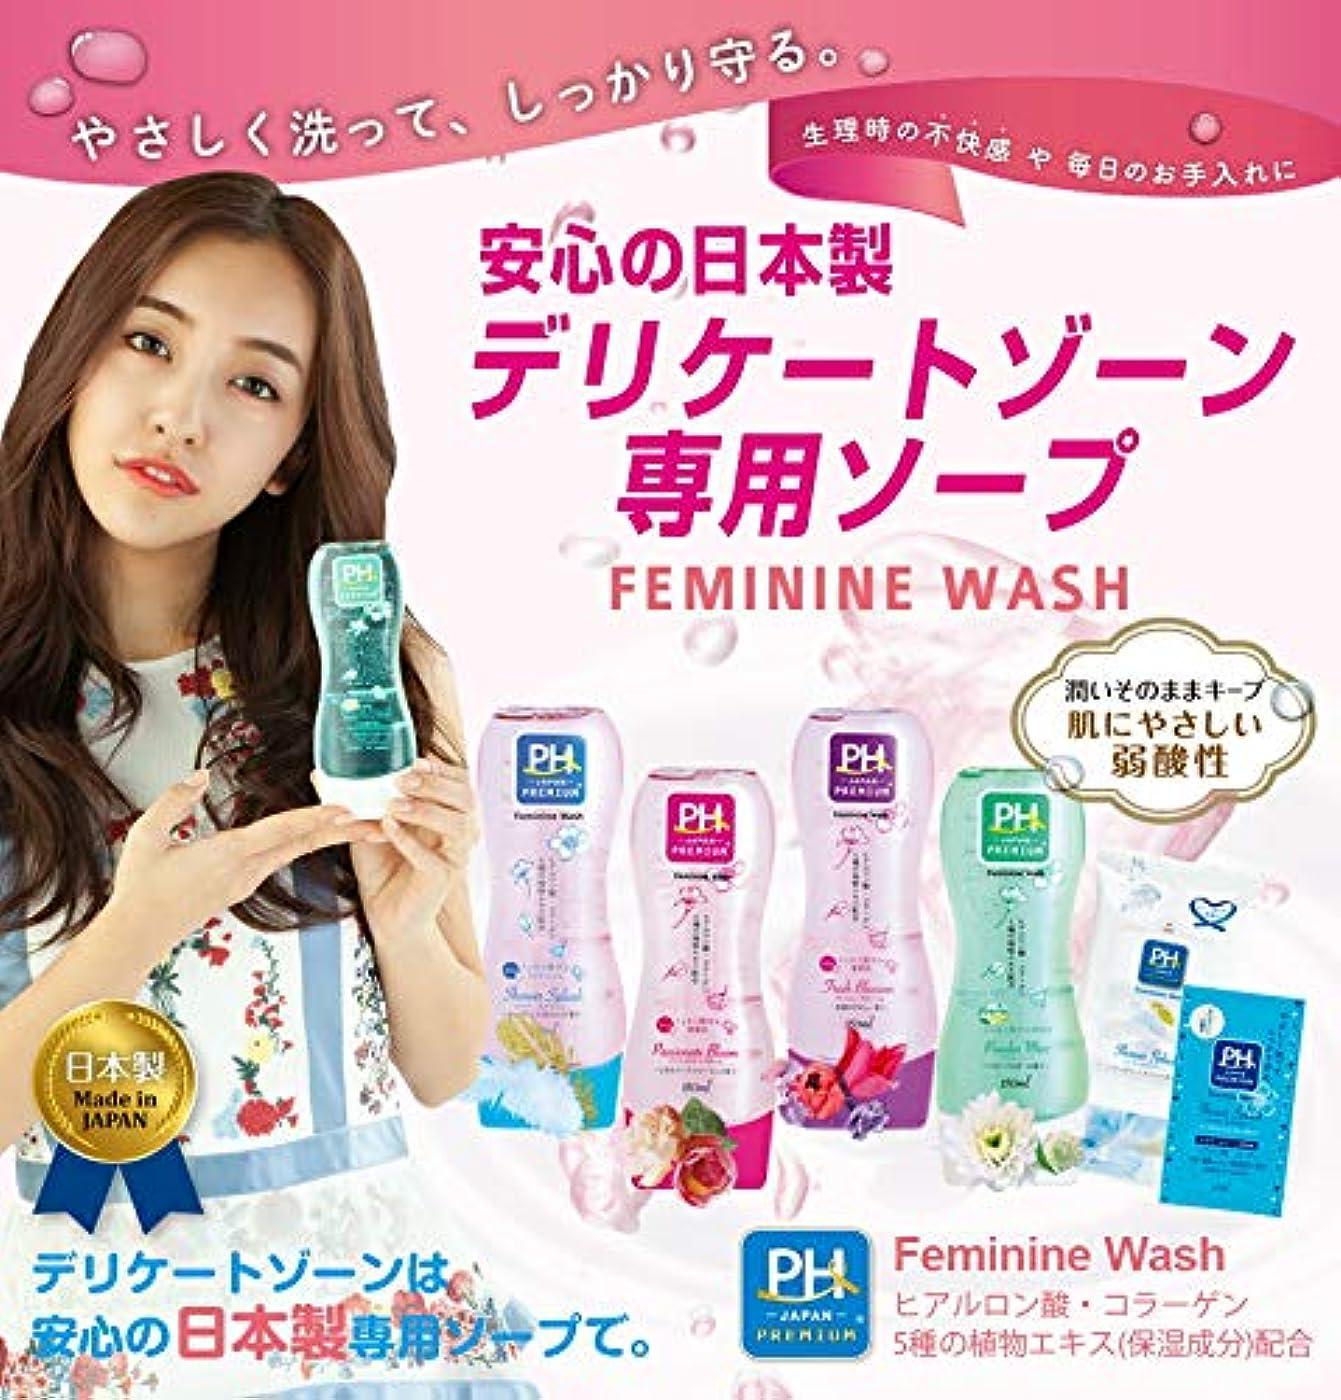 コストスズメバチ自治的パッショネイトブルーム4本セット PH JAPAN フェミニンウォッシュ 上品なローズフローラルの香り